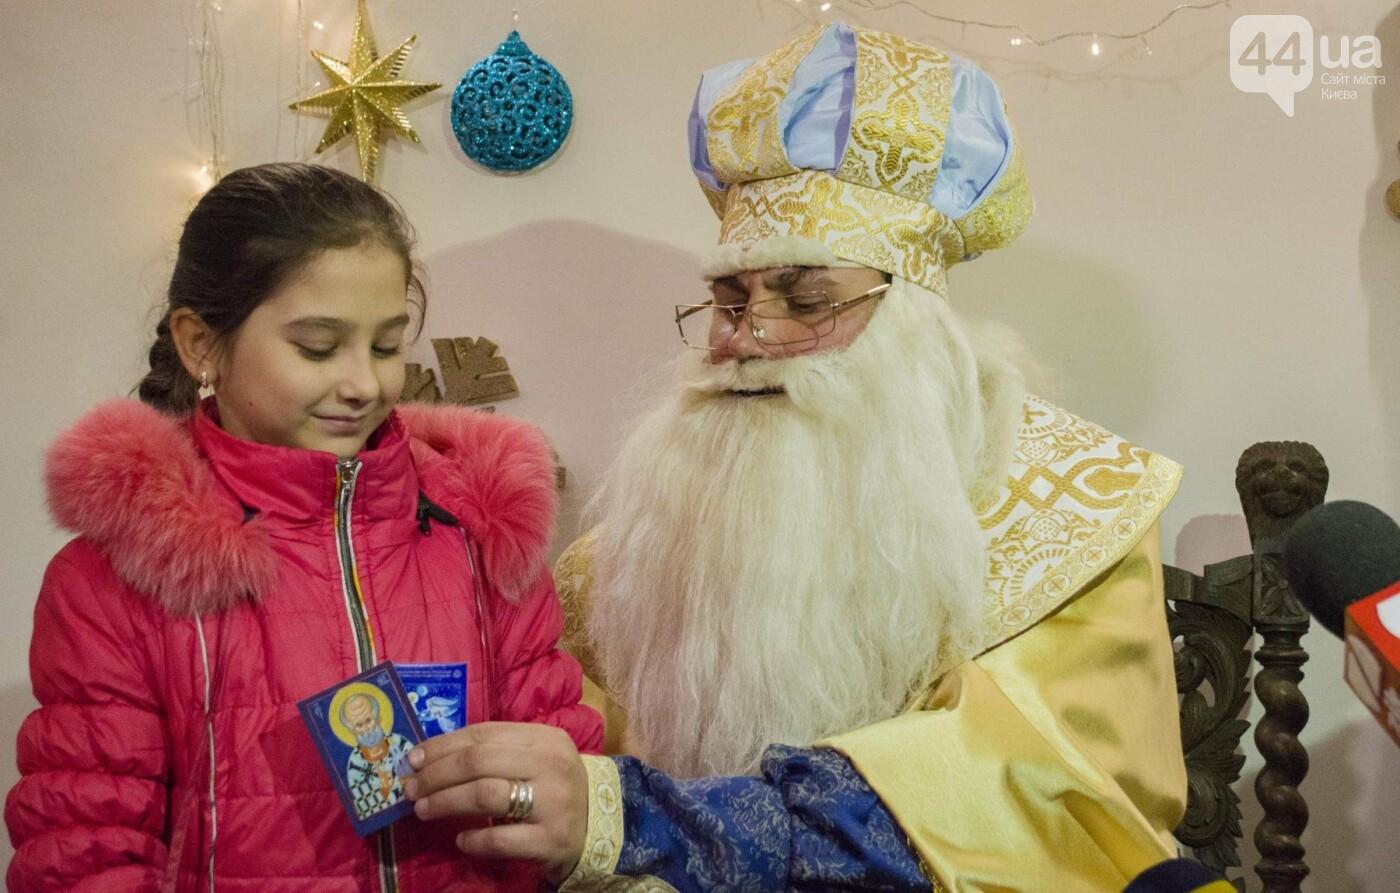 В Киеве торжественно открыли резиденцию Святого Николая, как это было, фото-14